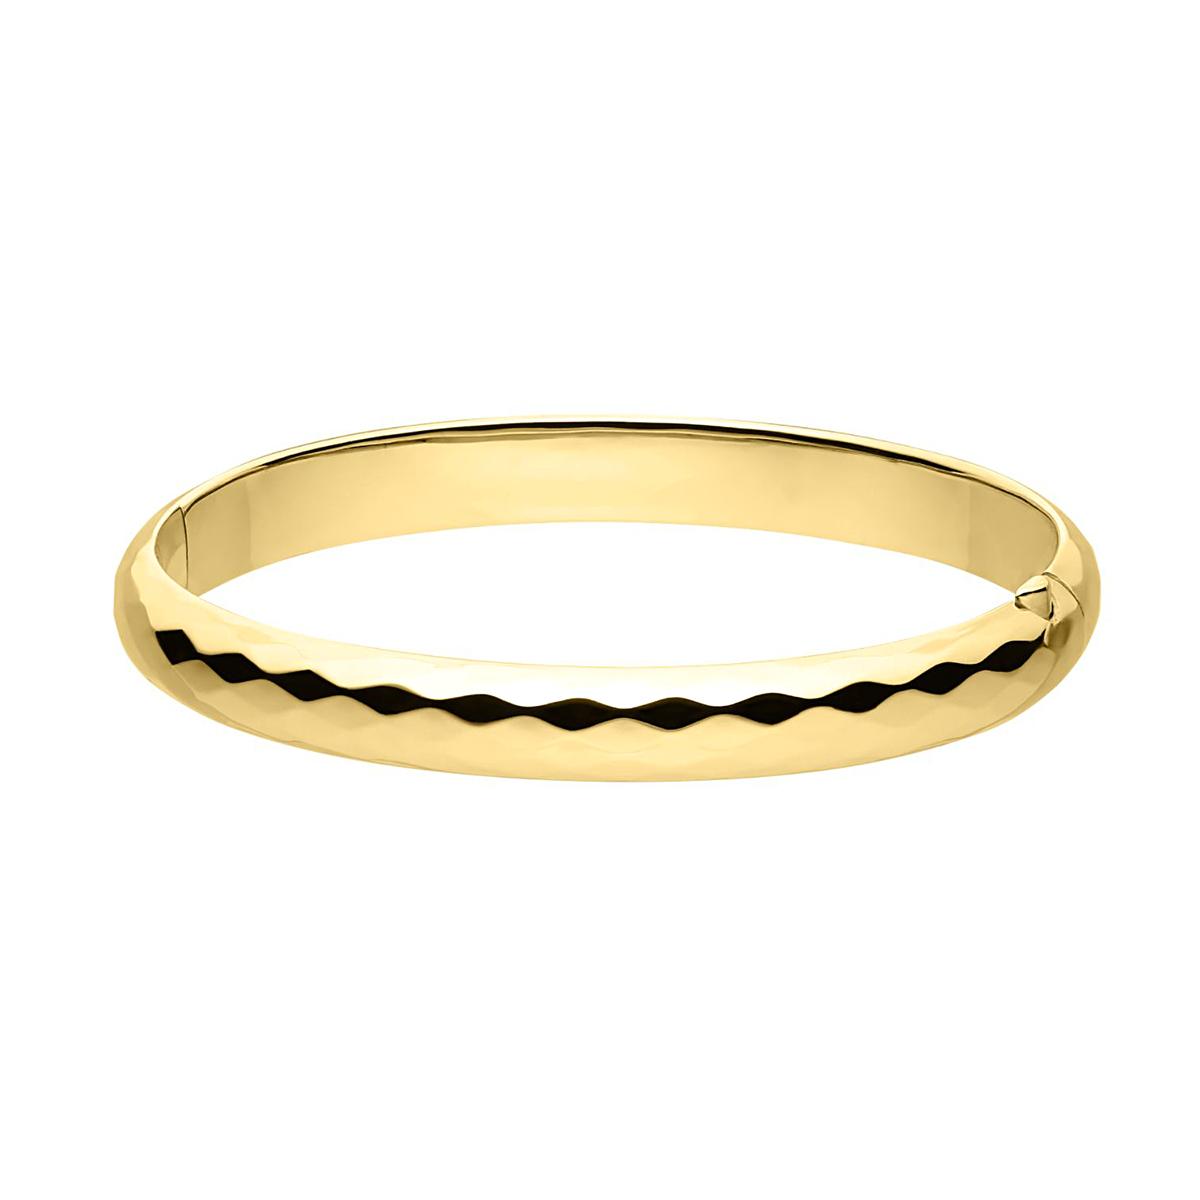 14 Karat Yellow Gold Filled Embossed Bangle Bracelet